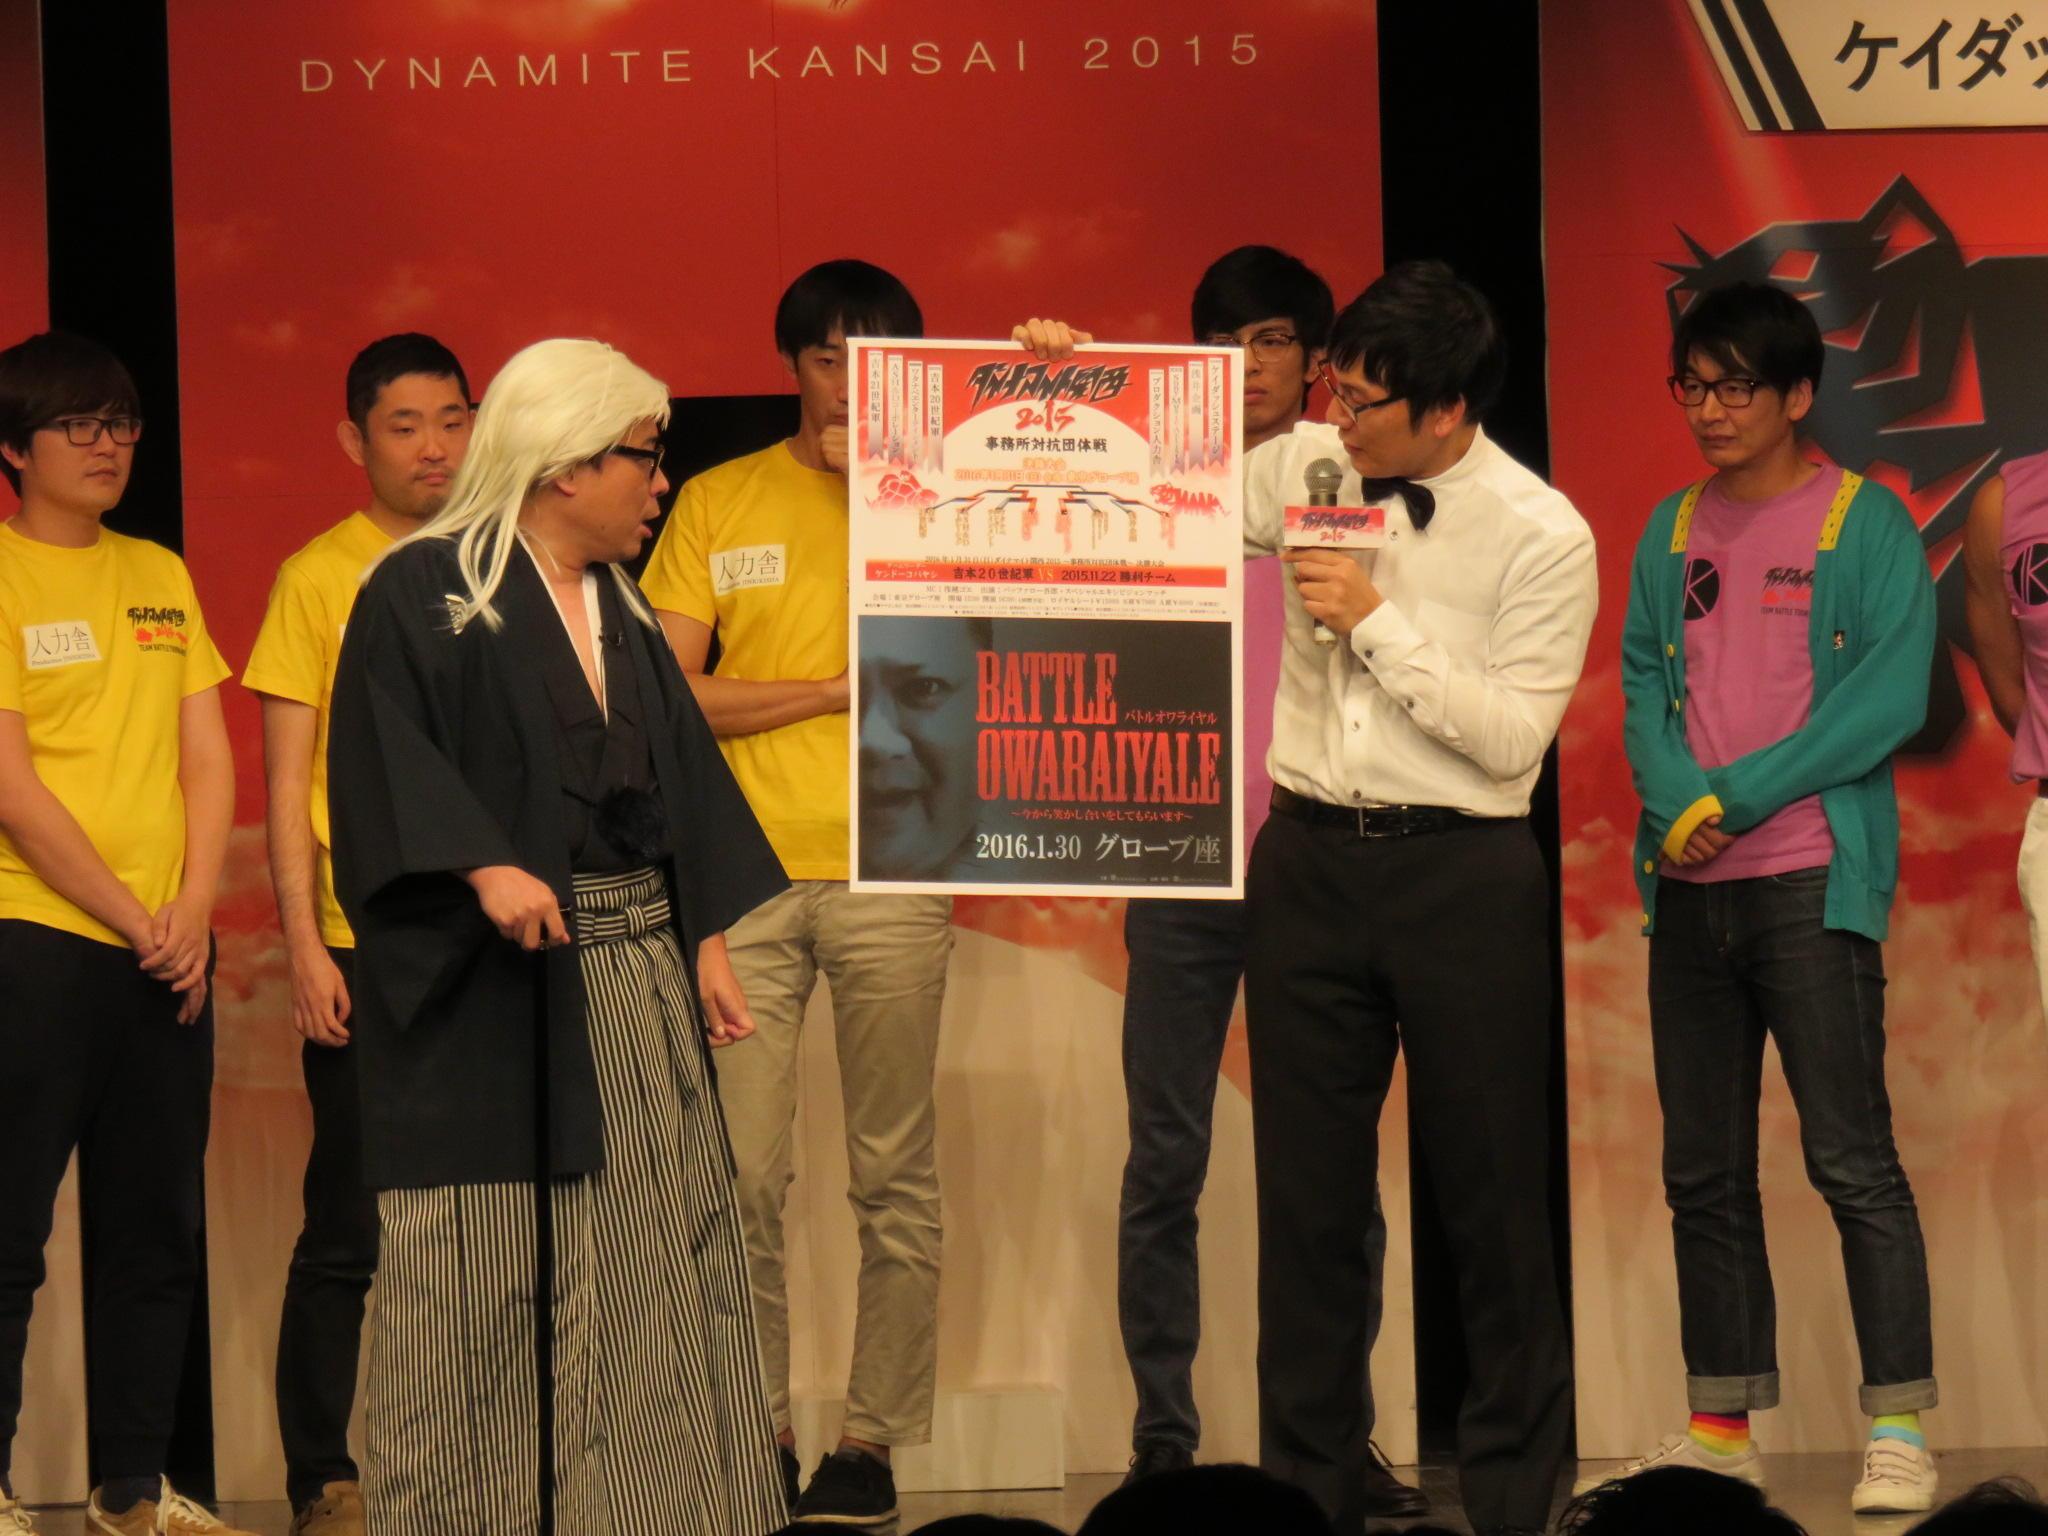 http://news.yoshimoto.co.jp/20151130184630-54ed99cf4d7b37a1badf292daf0f3320c5adbec0.jpg